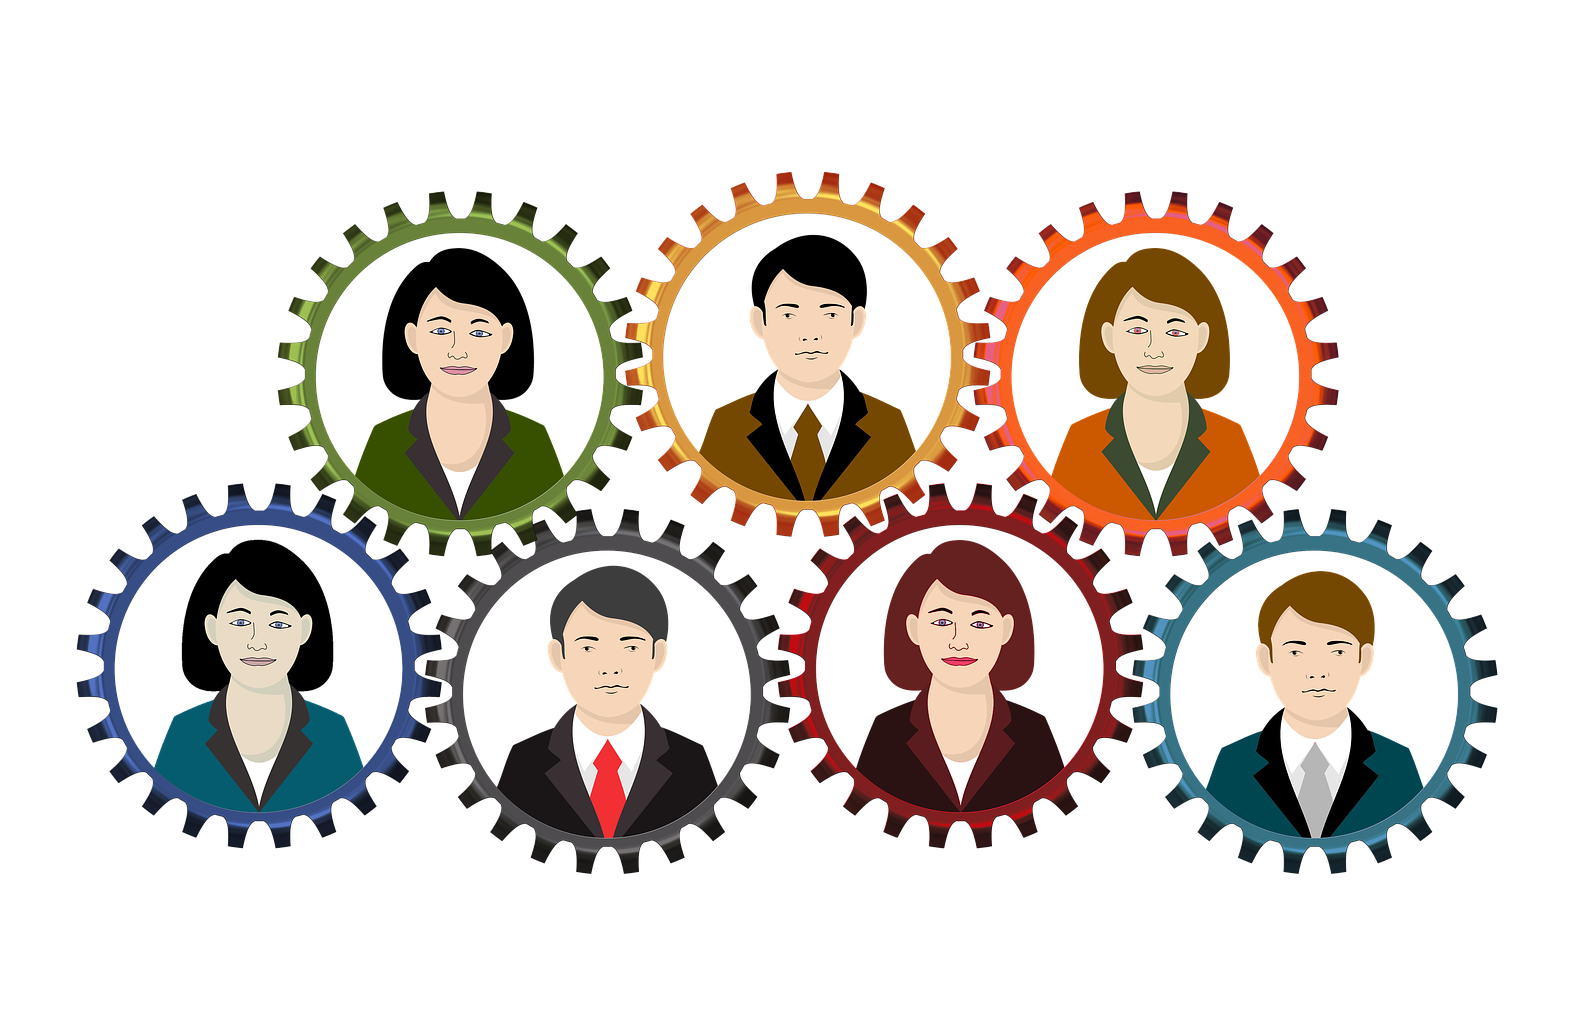 качества лидера, эффективный руководитель, управление персоналом организации, советы руководителю